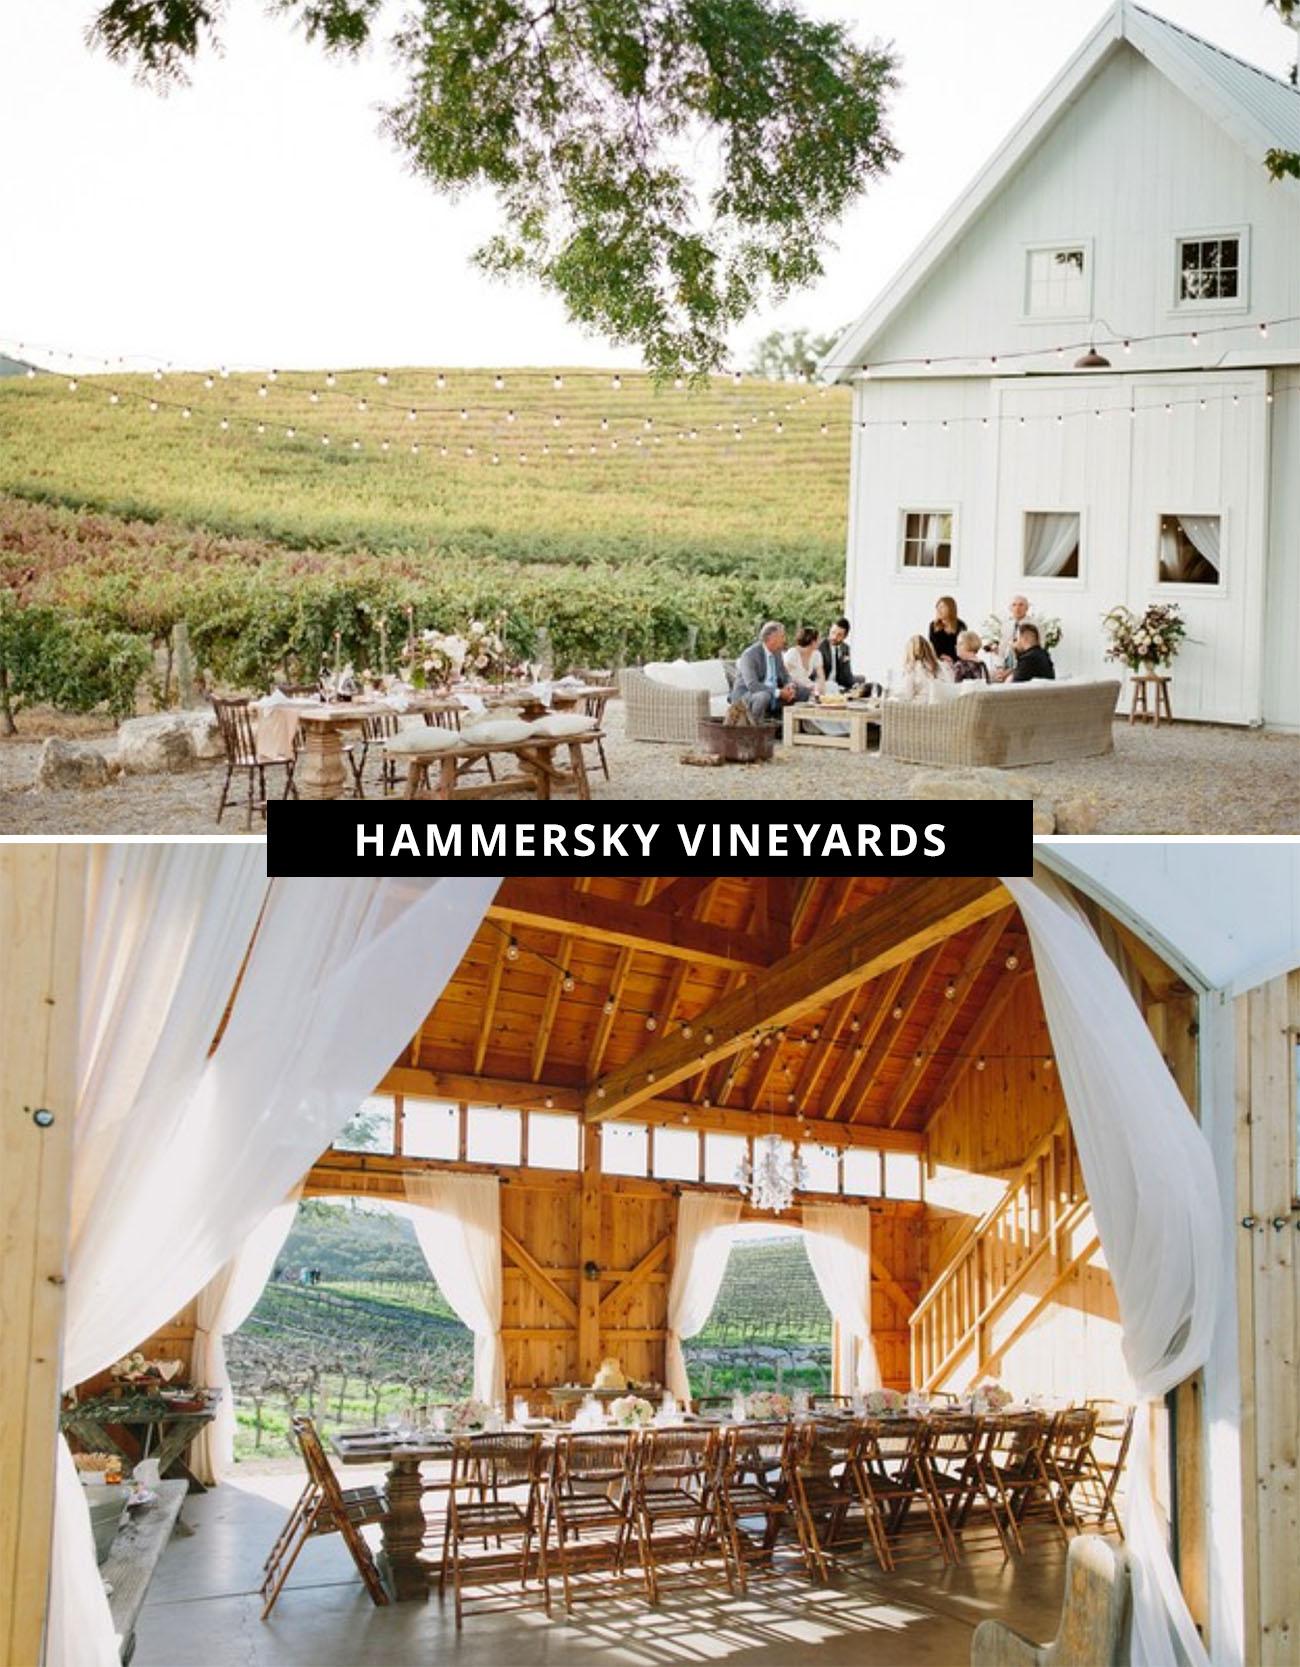 Hammersky Vineyards wedding venue